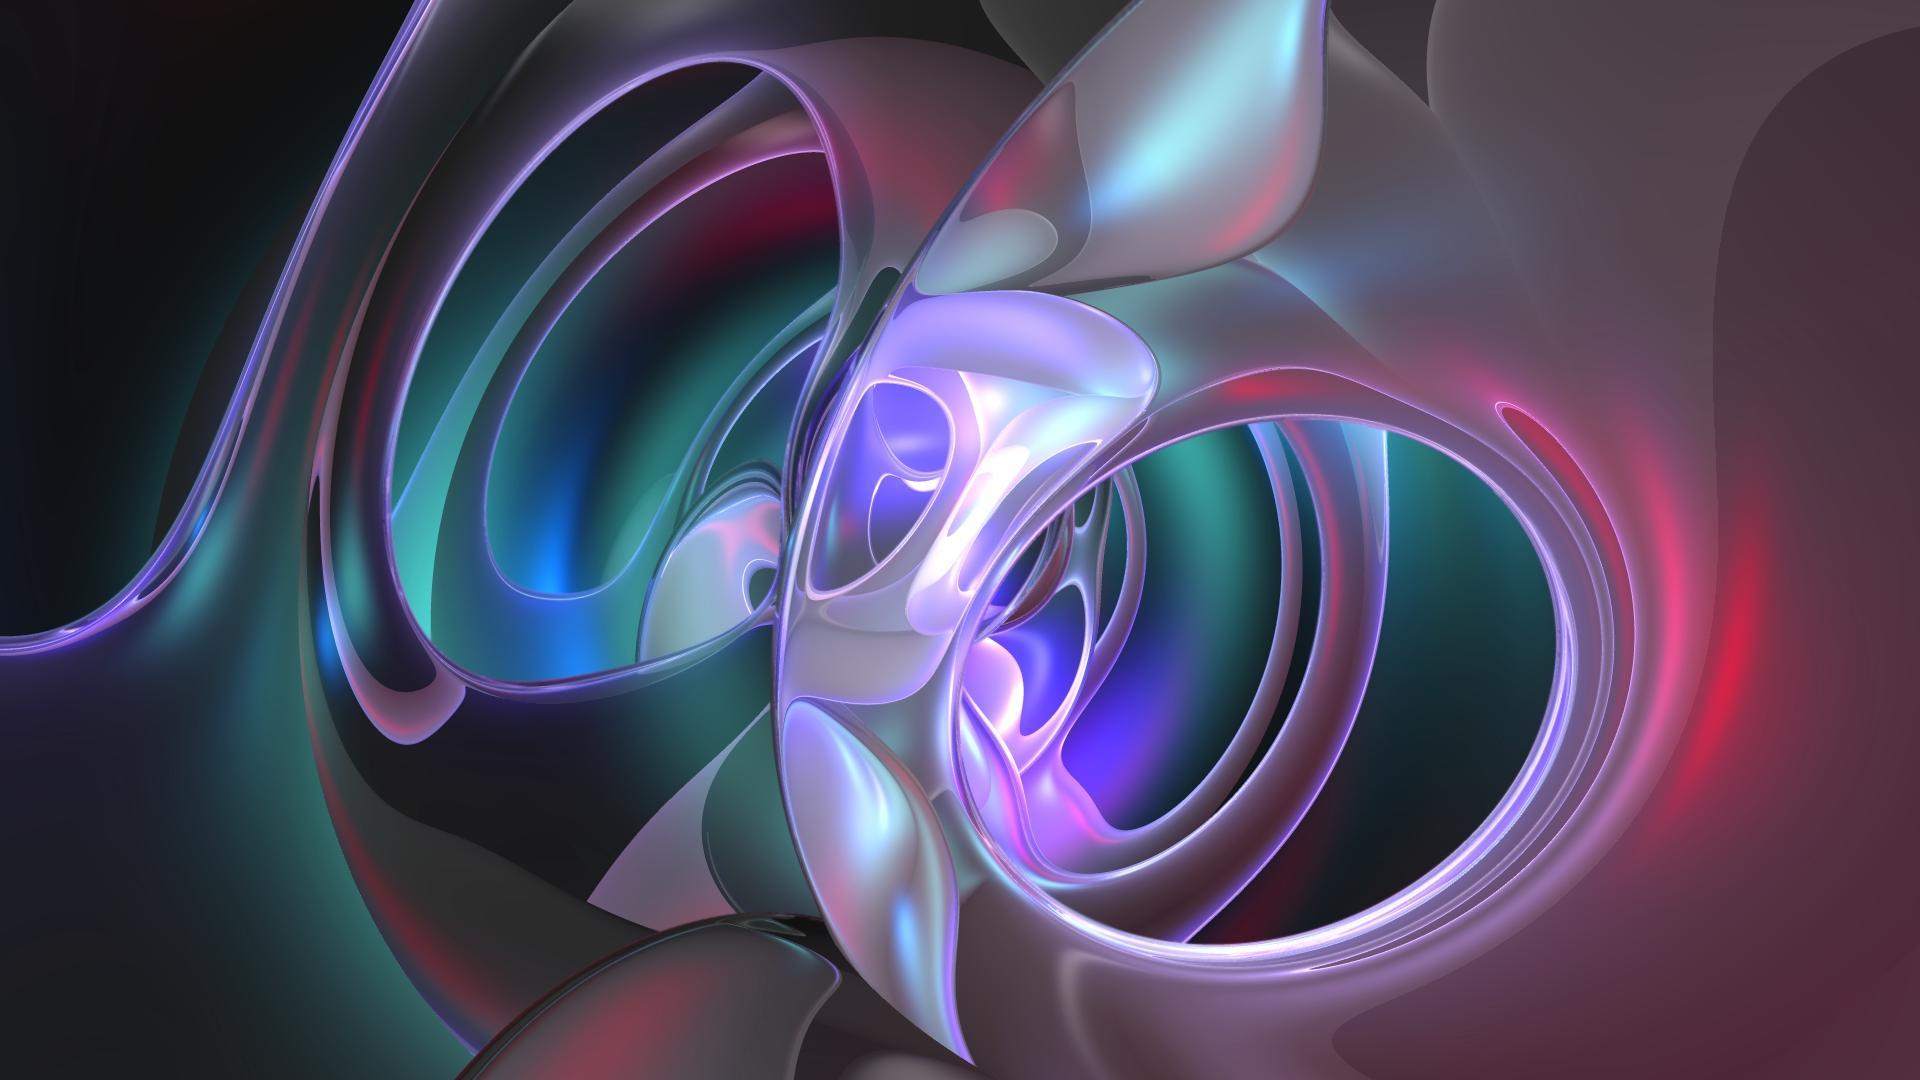 Free Download Backgrounds Wallpaper Background Elegant